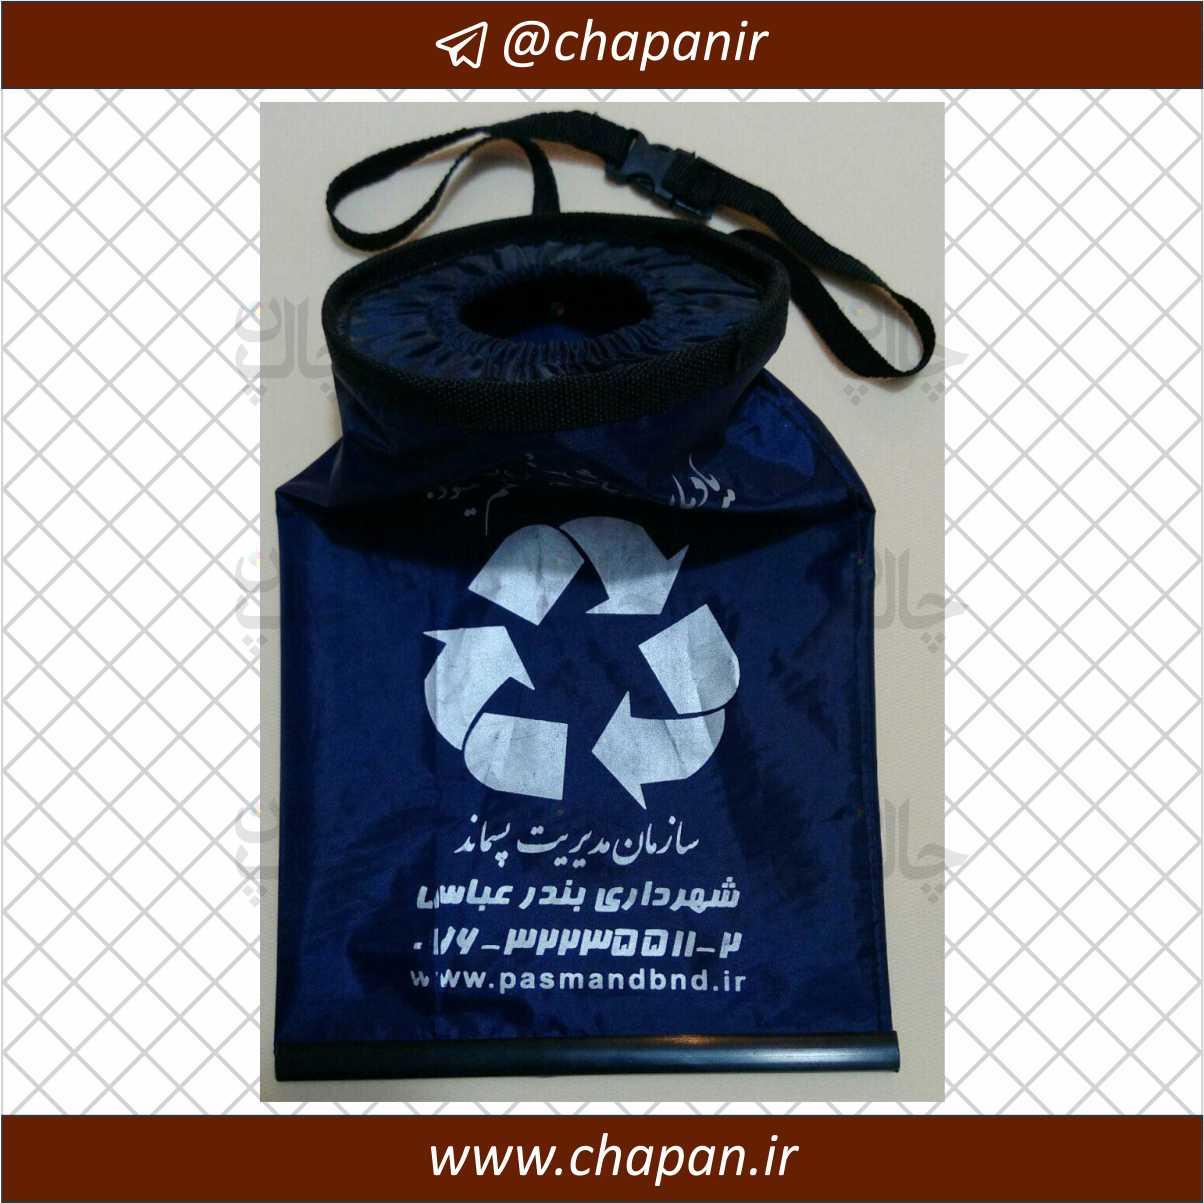 شهرداری بندر عباس - كيسه زباله ماشين سايز ٢٠.٣٠